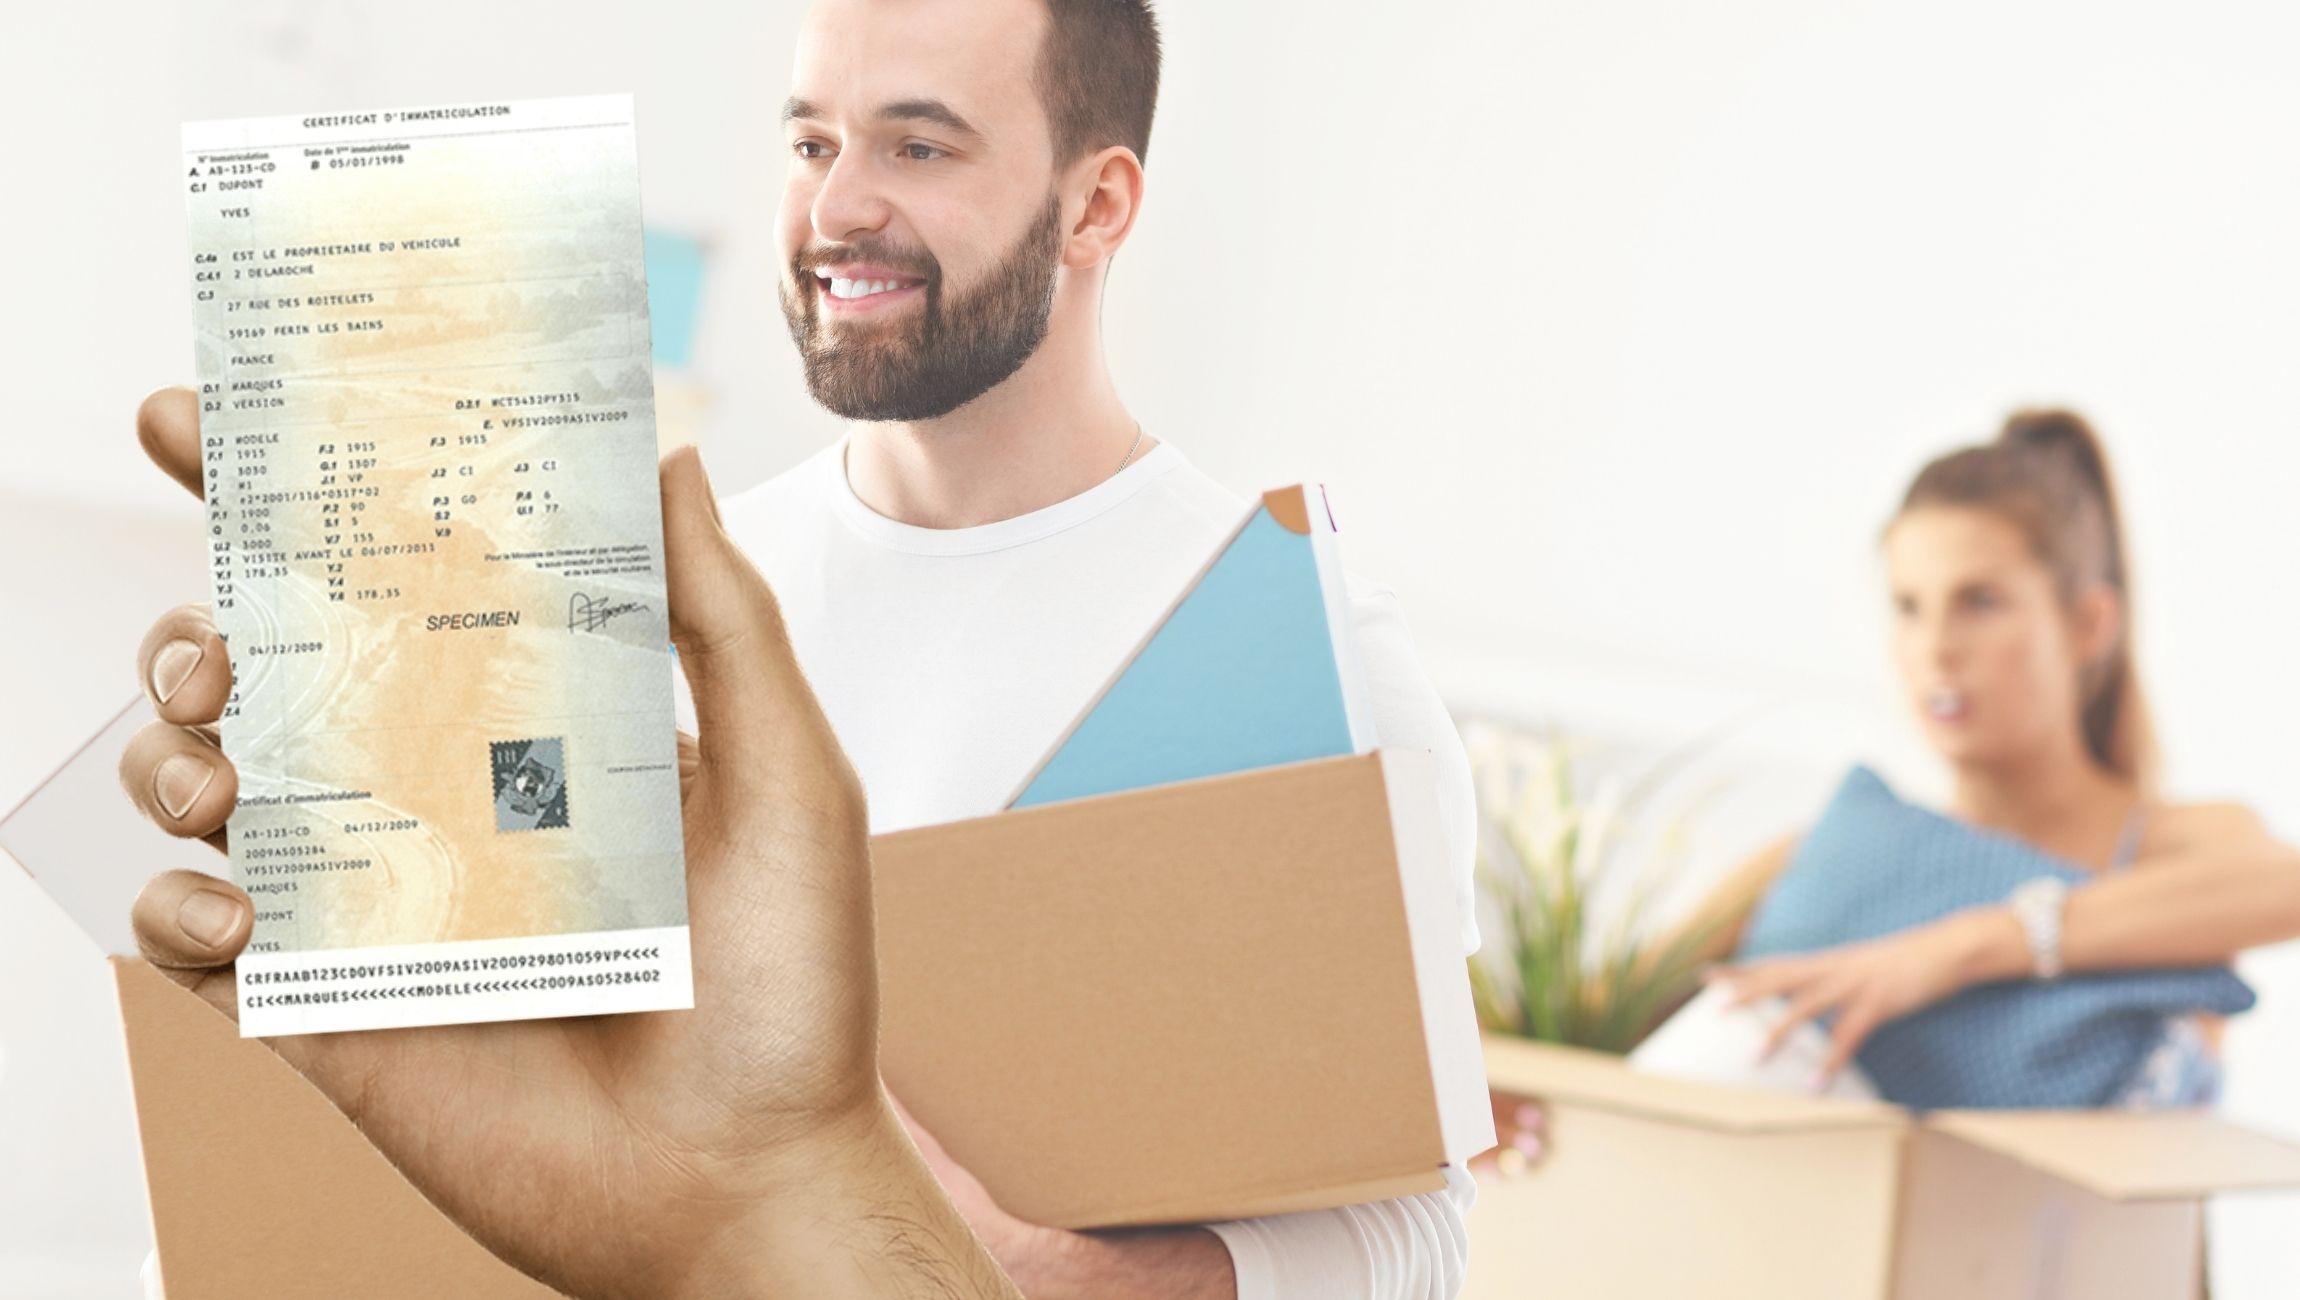 Changement d'adresse carte grise non fait après 1 mois / plus d'1 mois